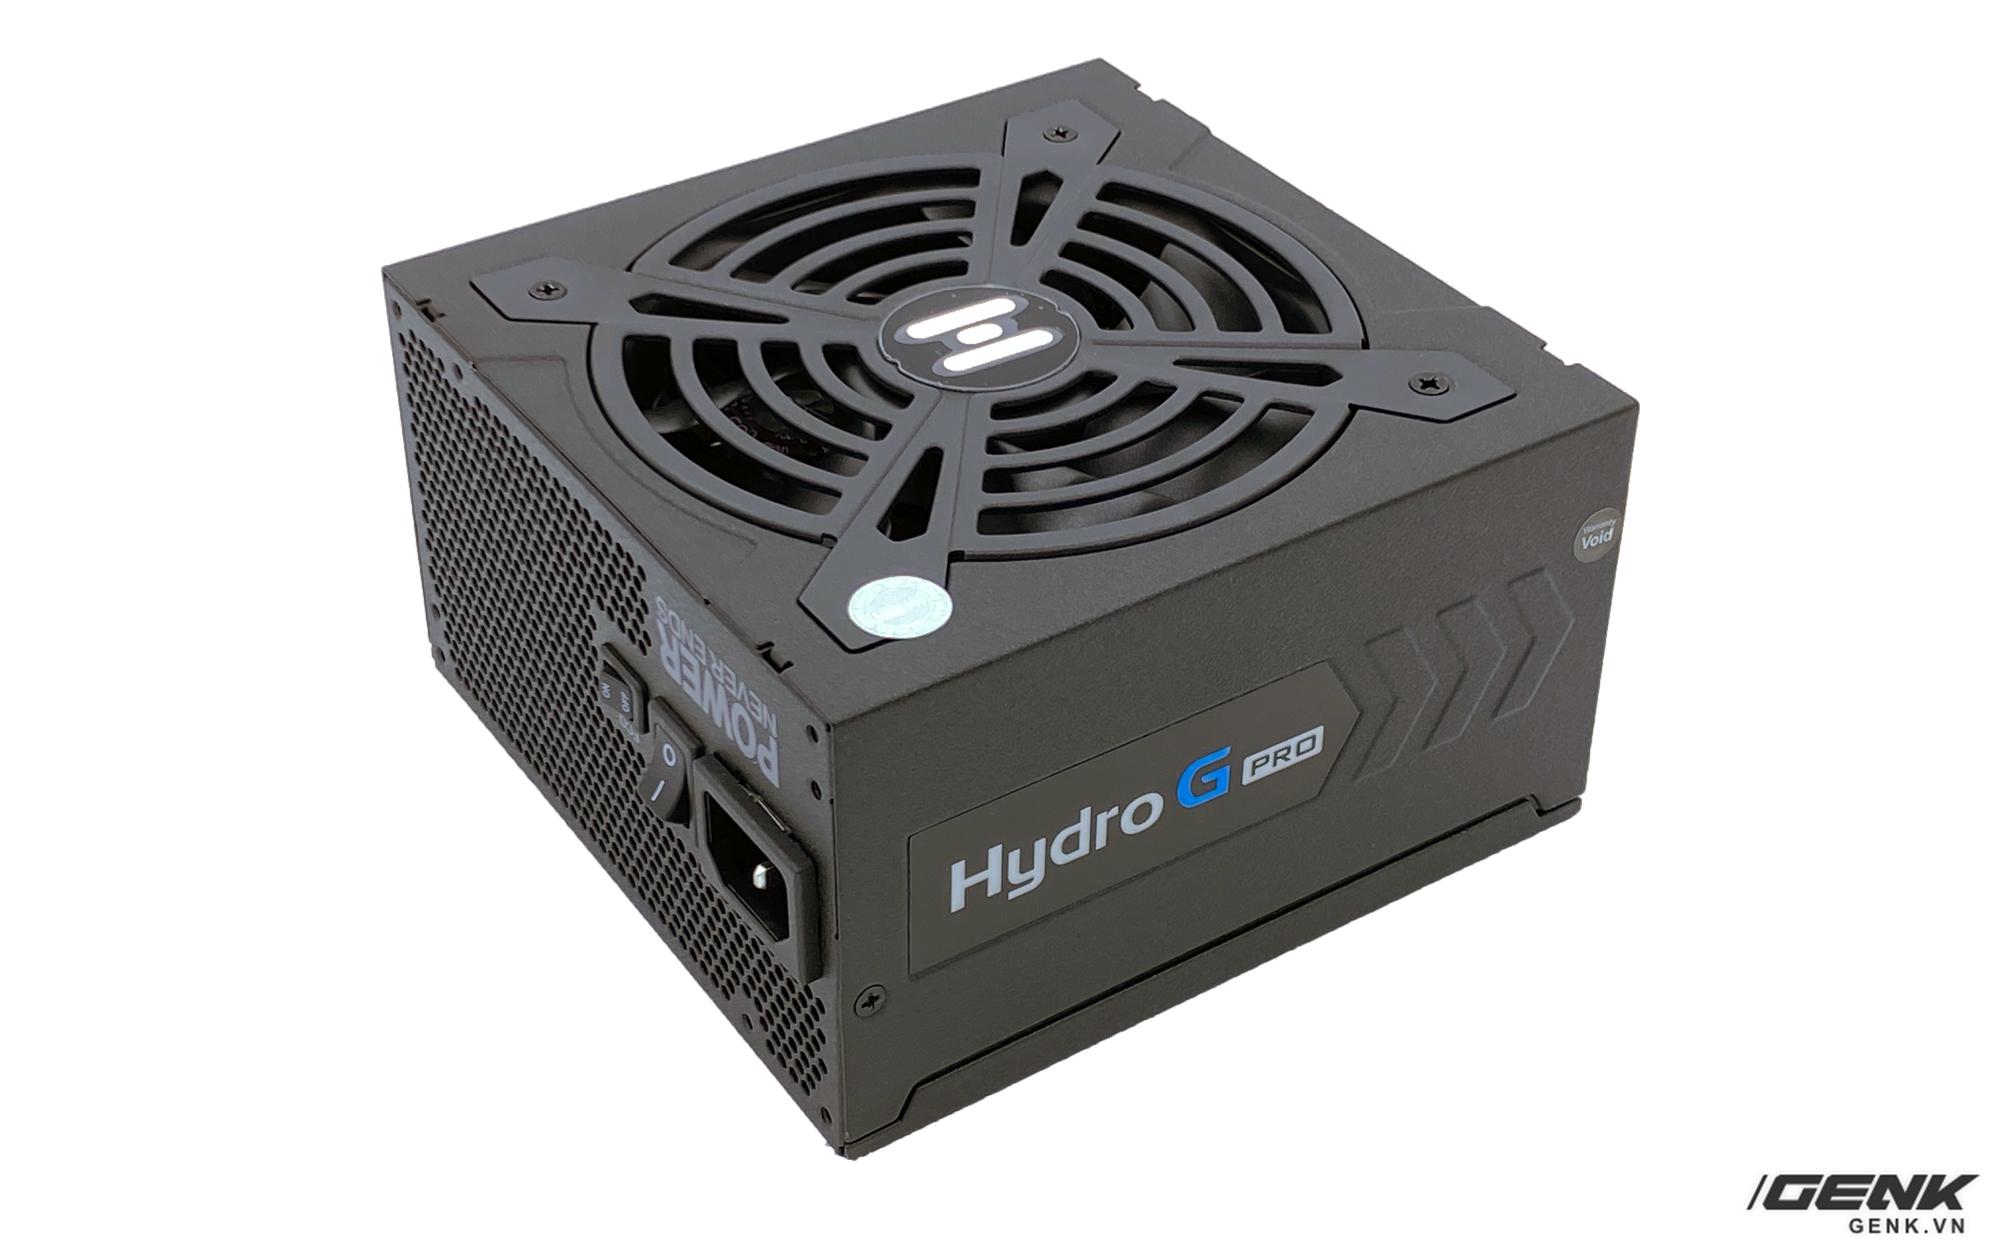 Mở hộp và cảm nhận nhanh nguồn FSP Hydro G Pro 750W: giá cả cạnh tranh so với tính năng mang lại